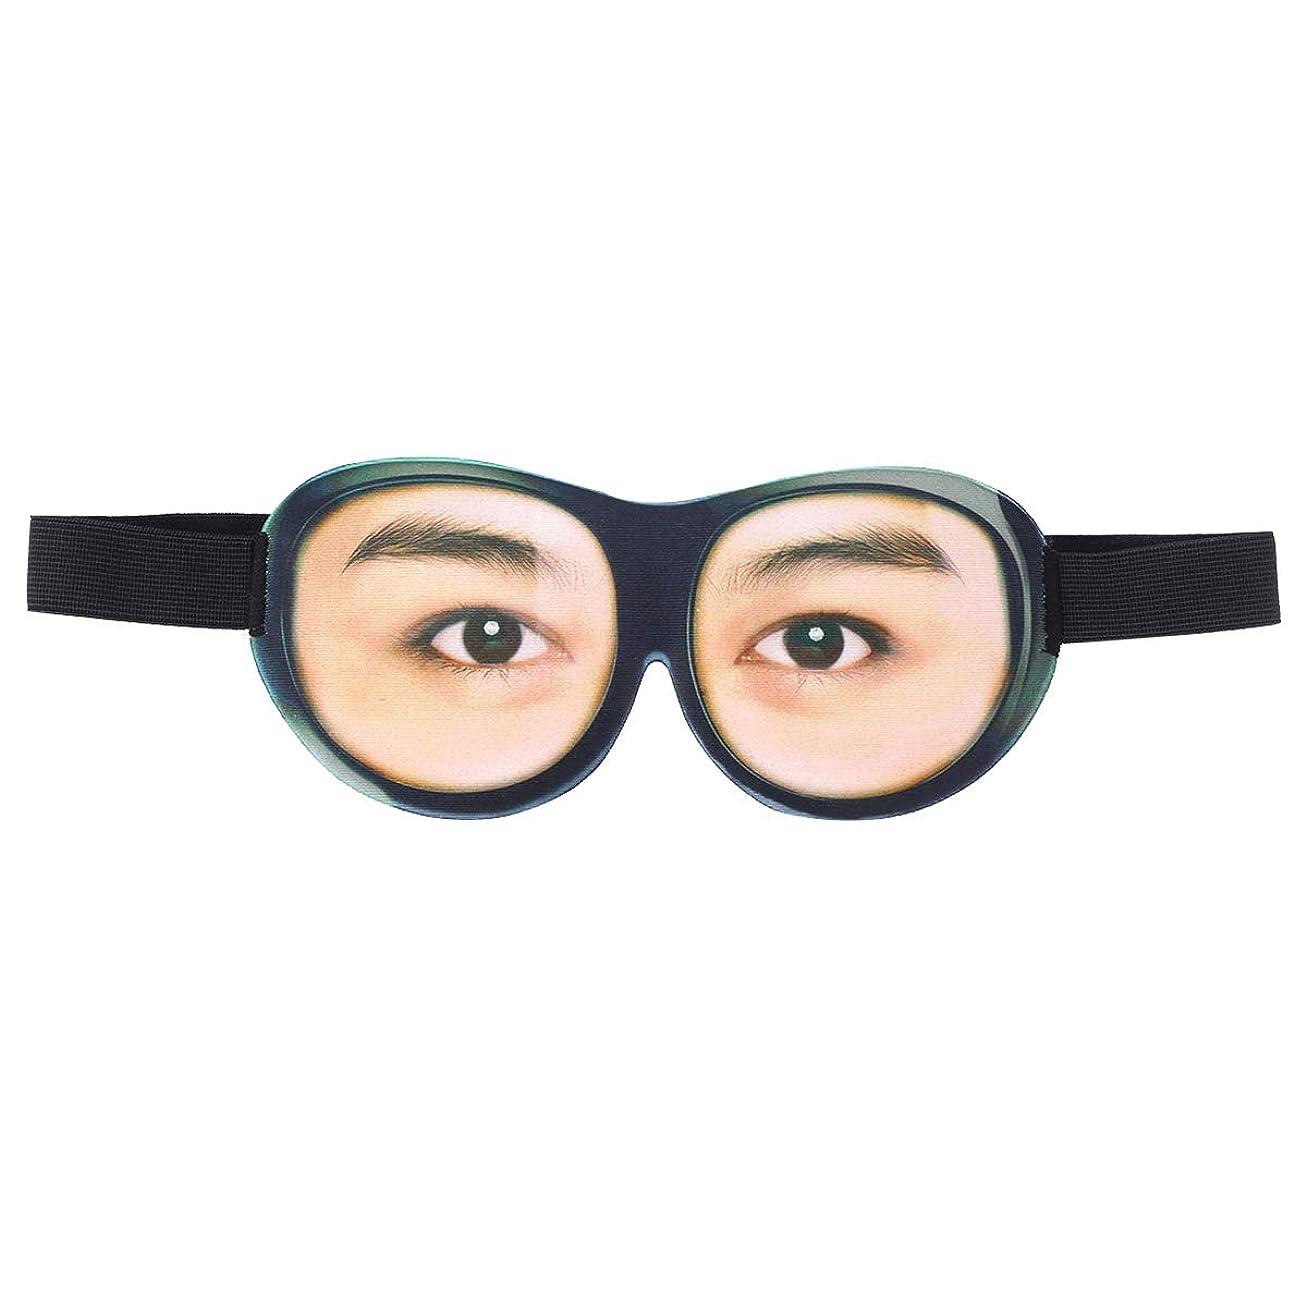 ブレンドエンジン先例Healifty 3D面白いアイシェード睡眠マスク旅行アイマスク目隠し睡眠ヘルパーアイシェード男性女性旅行昼寝と深い眠り(優しいふりをする)